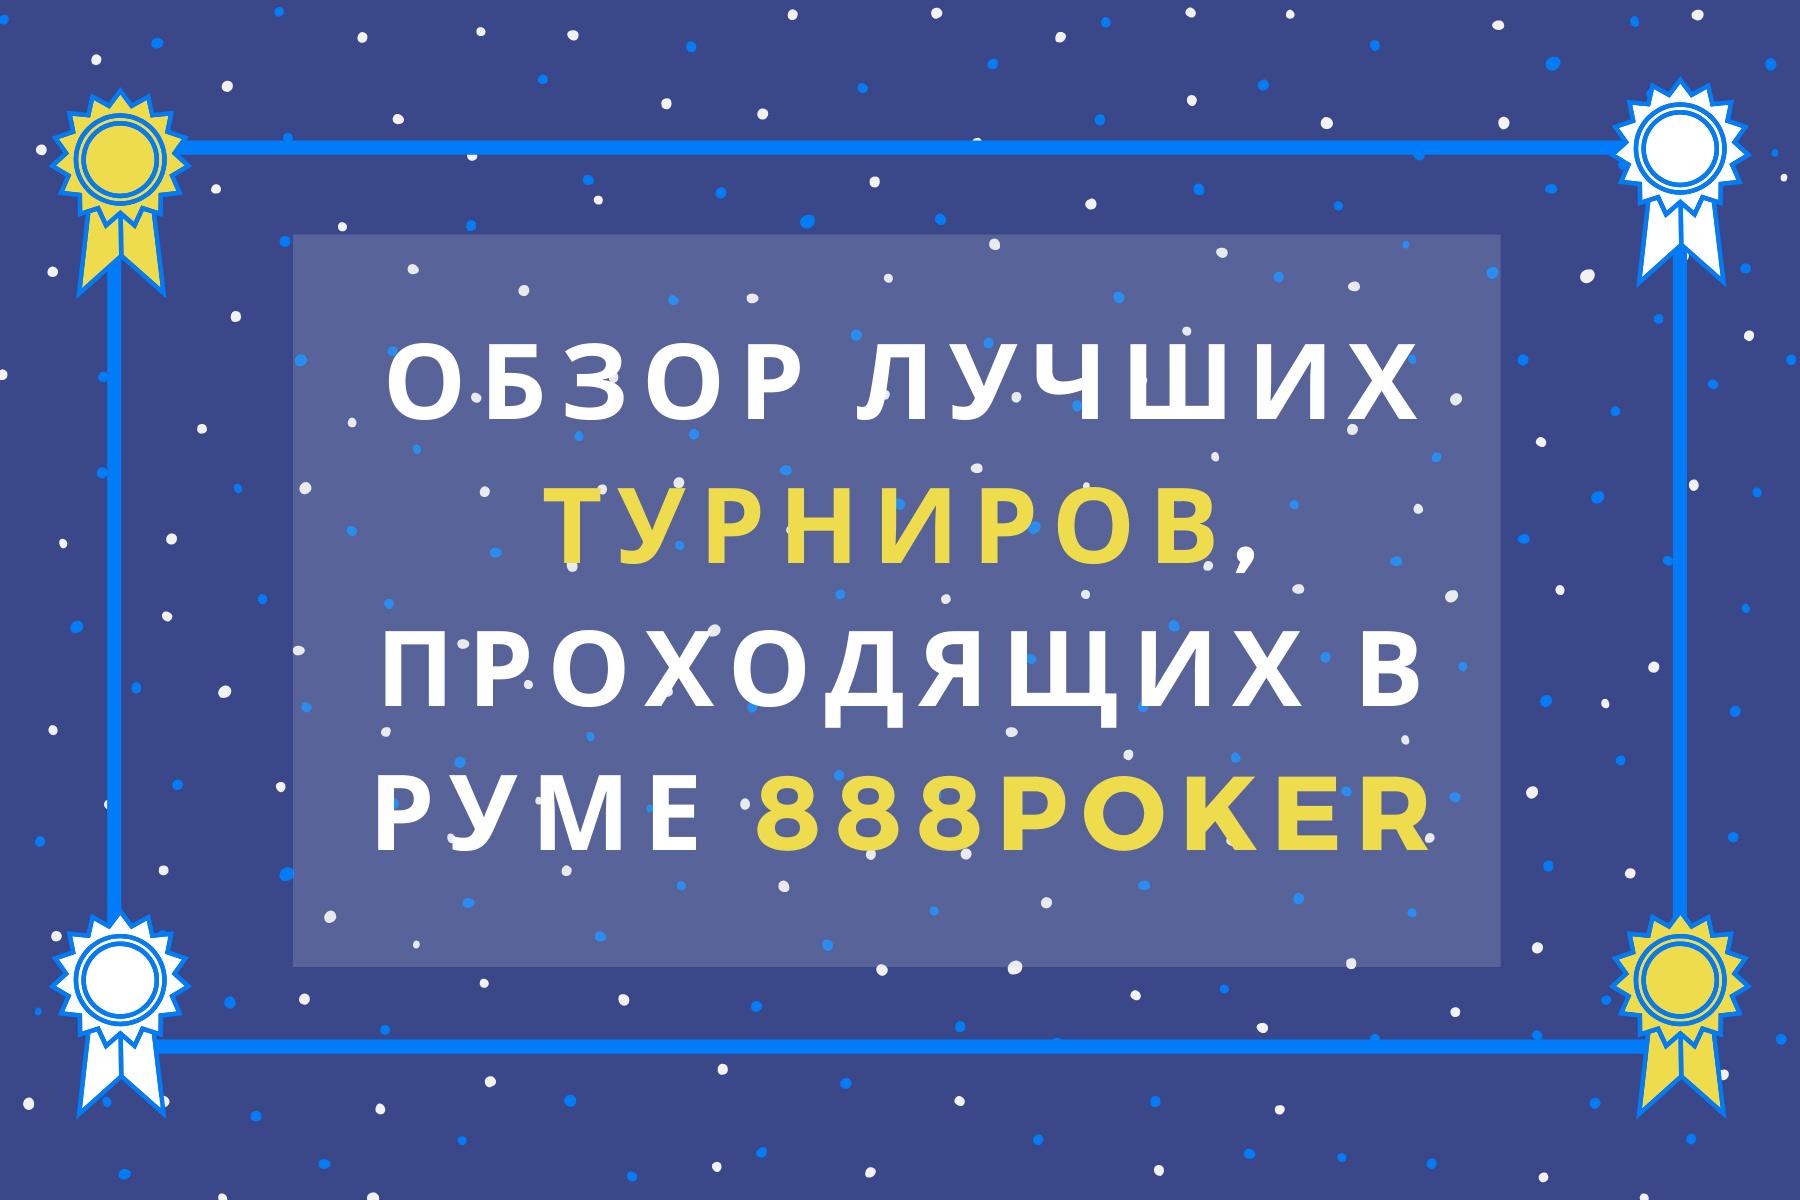 Обзор турниров в руме 888poker.